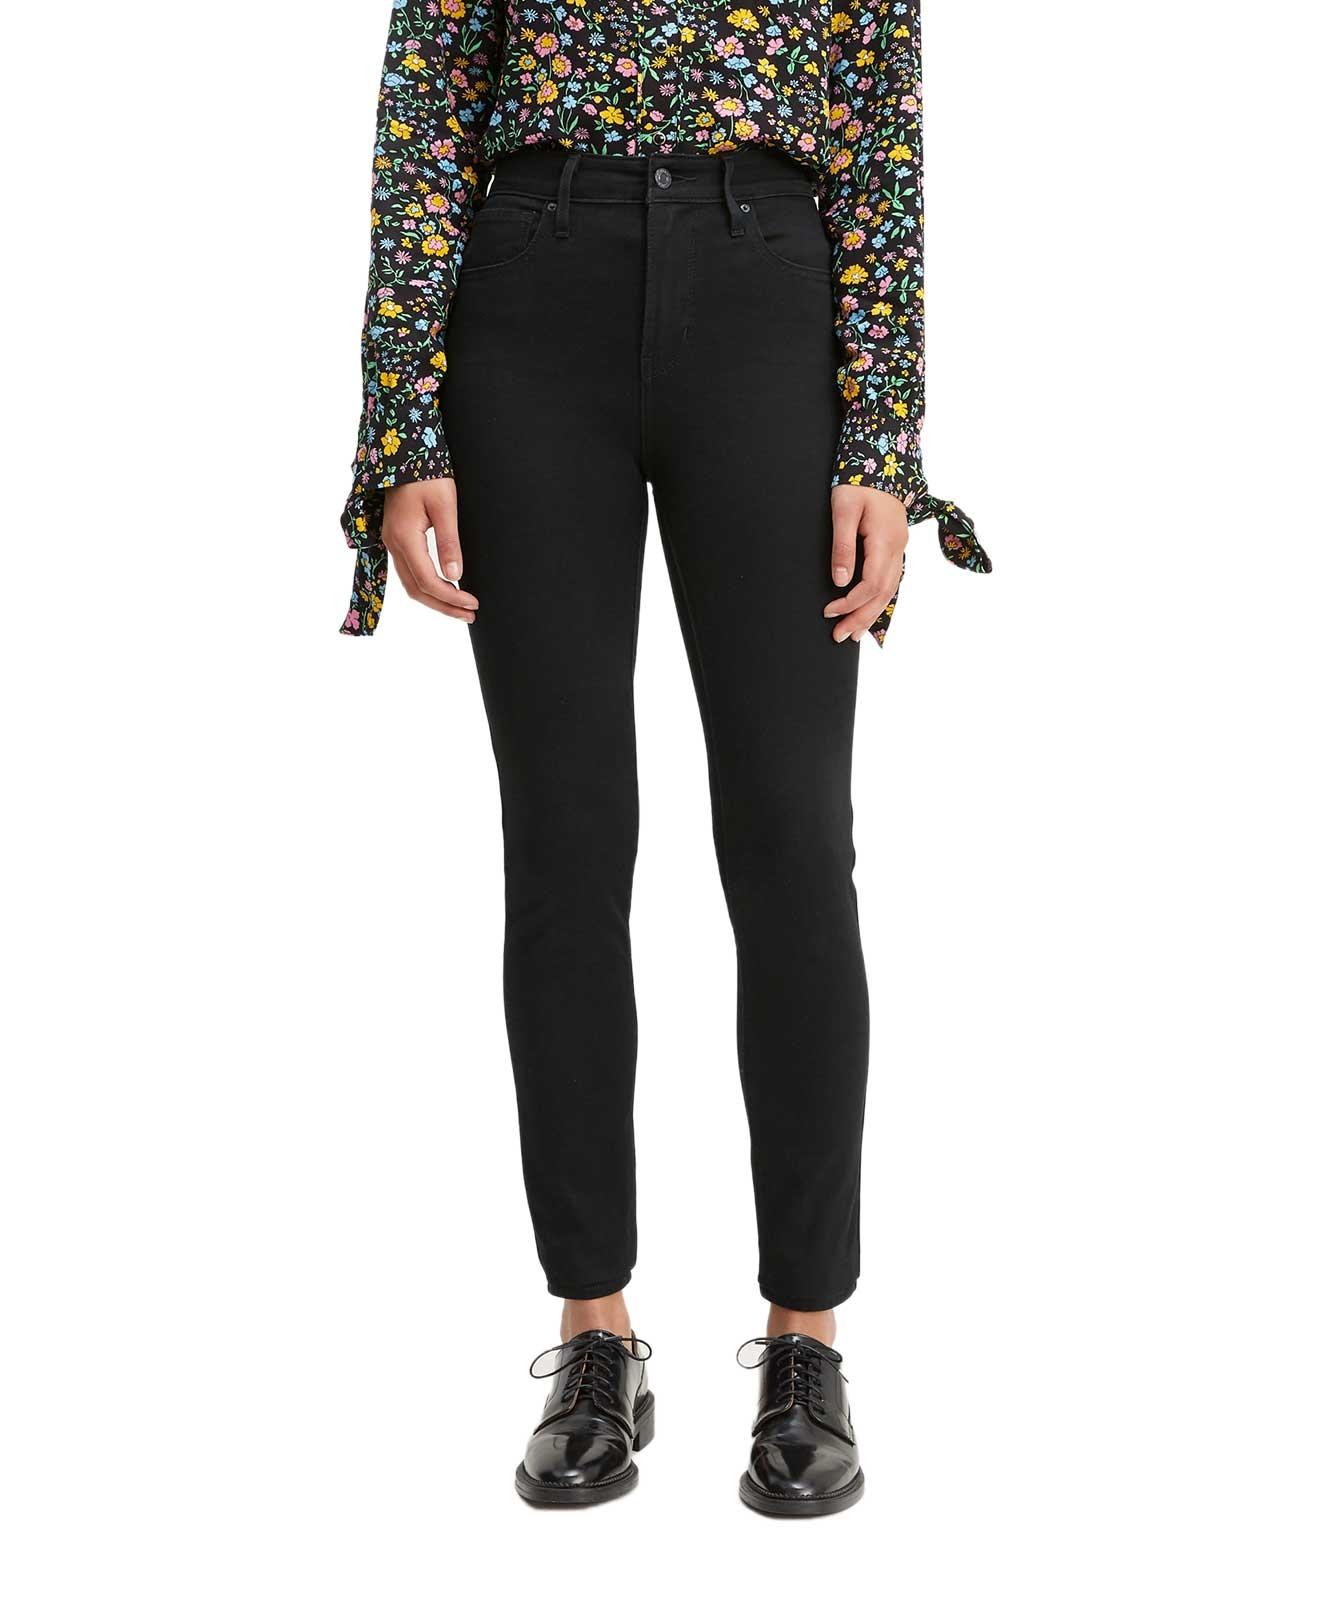 Hosen für Frauen - Levis 721 schwarze Jeans mit Vier Wege Power Stretch  - Onlineshop Jeans Meile